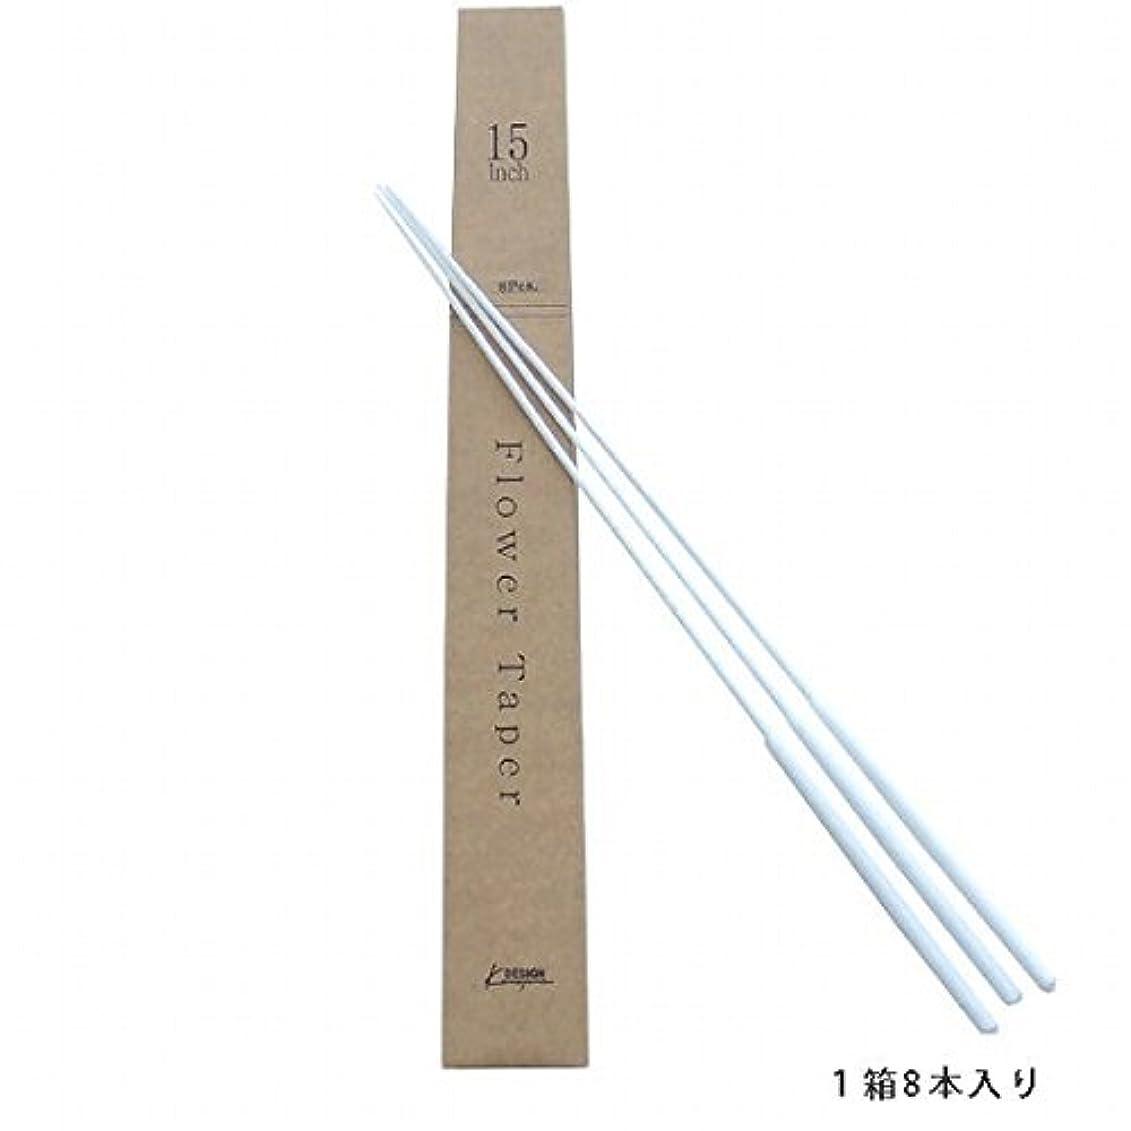 男らしさ認証クリエイティブカメヤマキャンドル( kameyama candle ) 15インチトーチ用フラワーテーパー 8本入 「 ホワイト 」